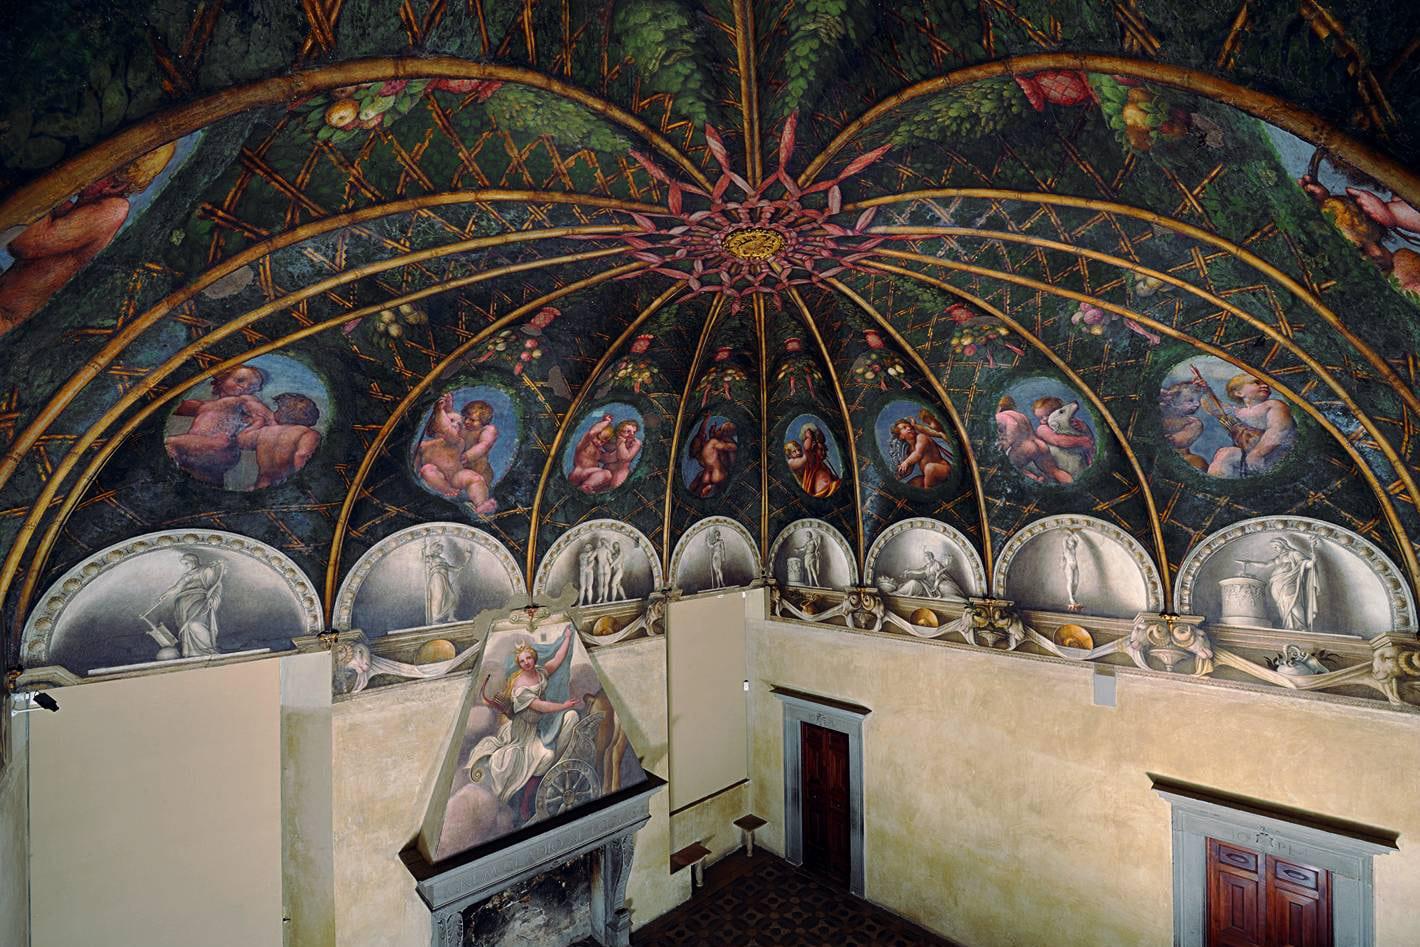 Domani sera su Rai5 in prima visione i due documentari su Correggio e Parmigianino